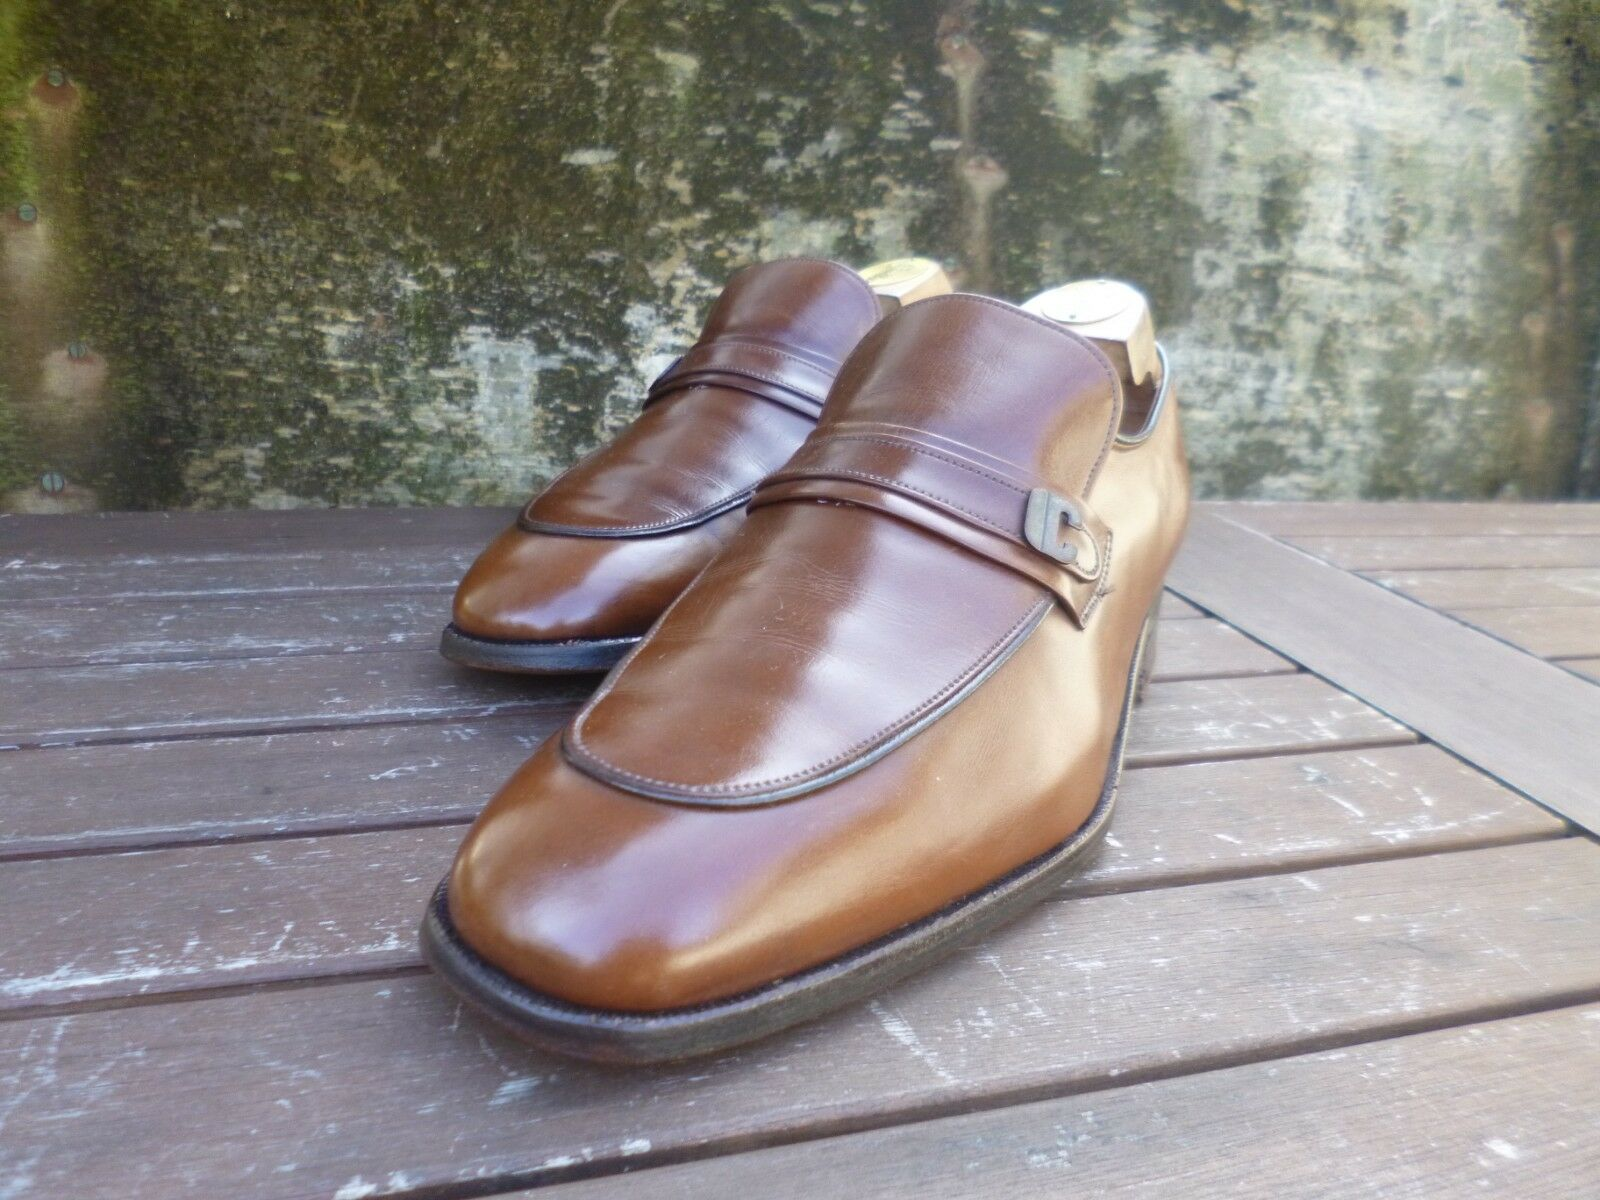 Iglesia Mocasines – Vintage Marrón Bronceado-UK 7.5 – indo-Excelente Estado